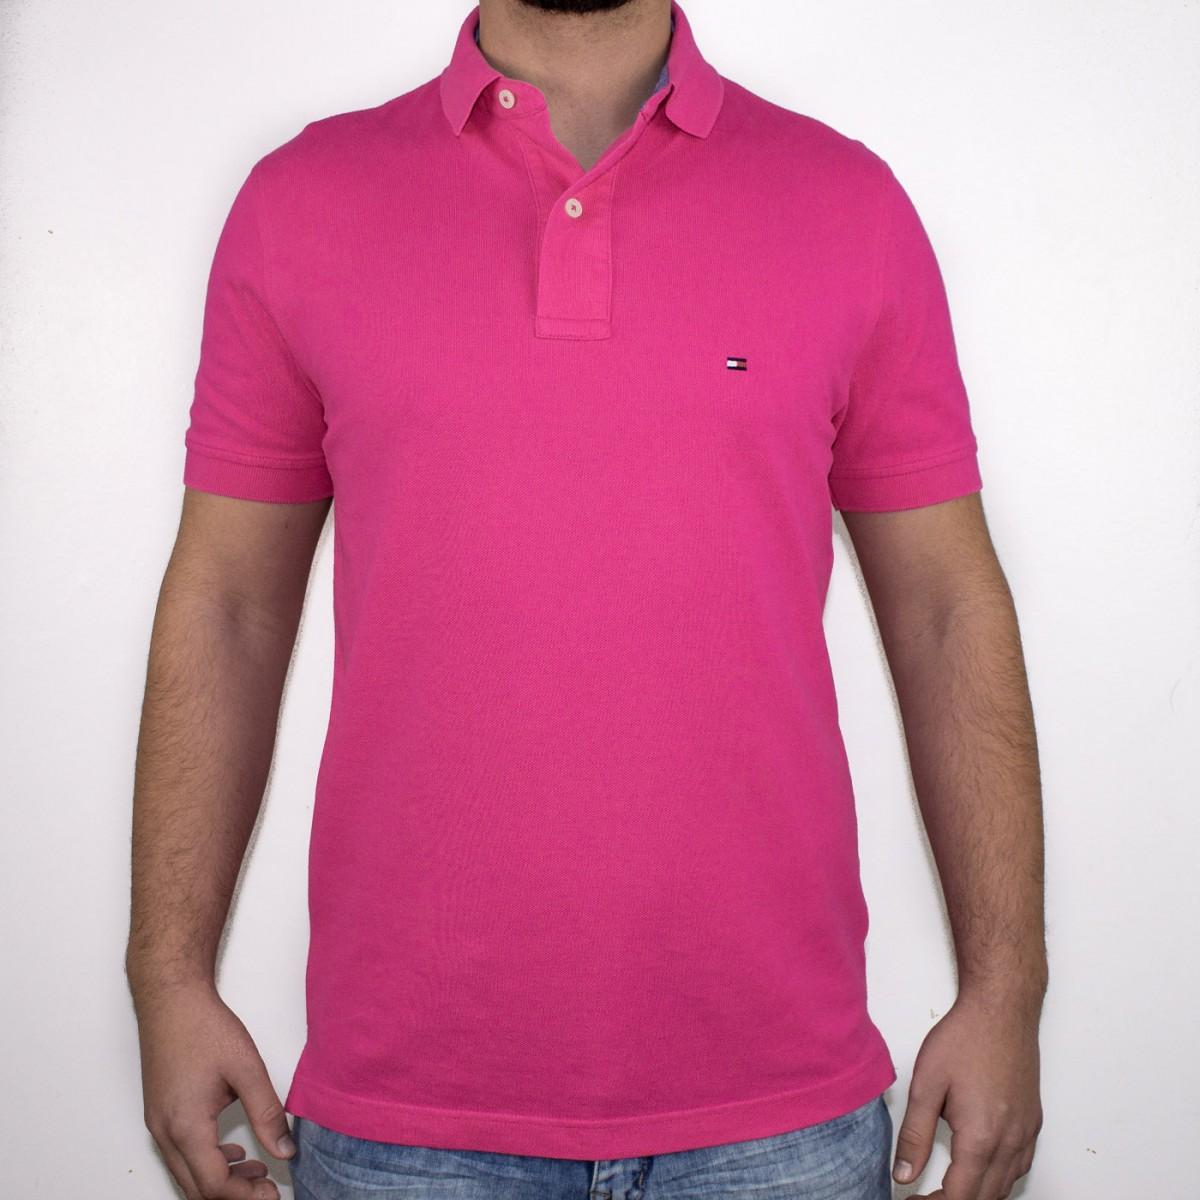 1ce374783f Bizz Store - Camisa Polo Masculina Tommy Hilfiger Manga Curta Rosa